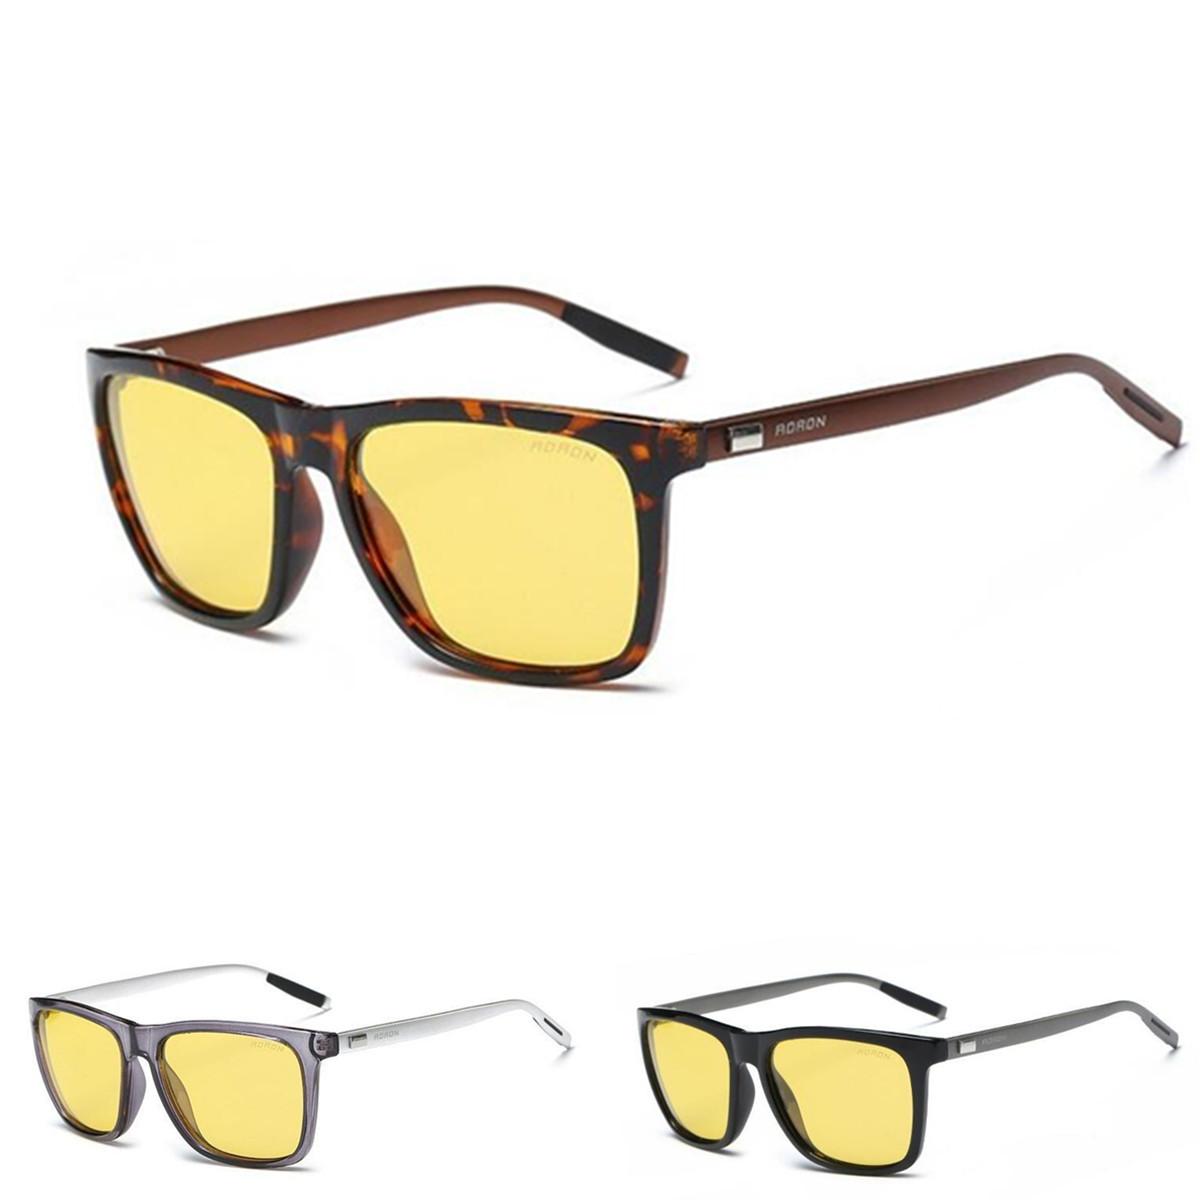 AORON Алюминиевые мужские поляризованные солнцезащитные очки для вождения Очки с антибликовым покрытием ночного видения Объектив - 1TopShop